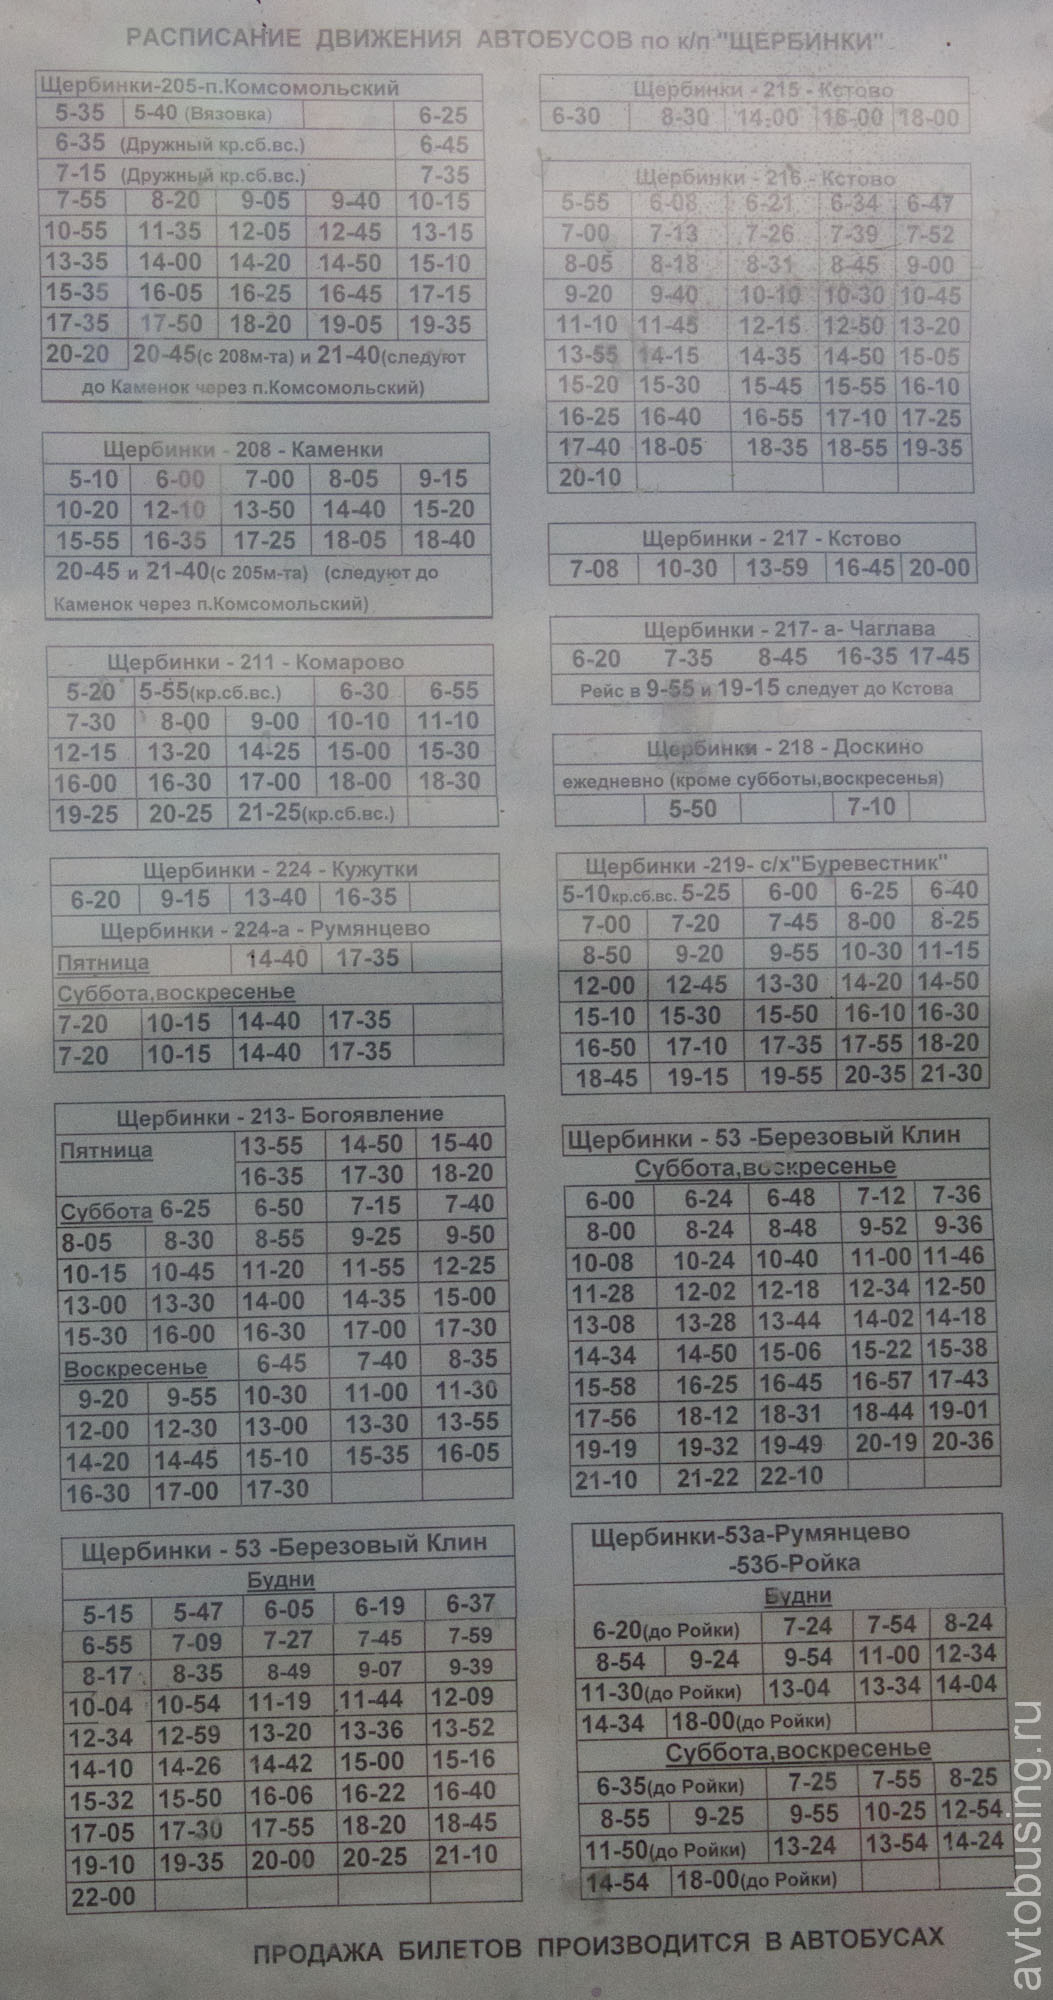 жалоба расписание автобусов нижний новгород павлово автостанция щербинки 2017 каталог поможет